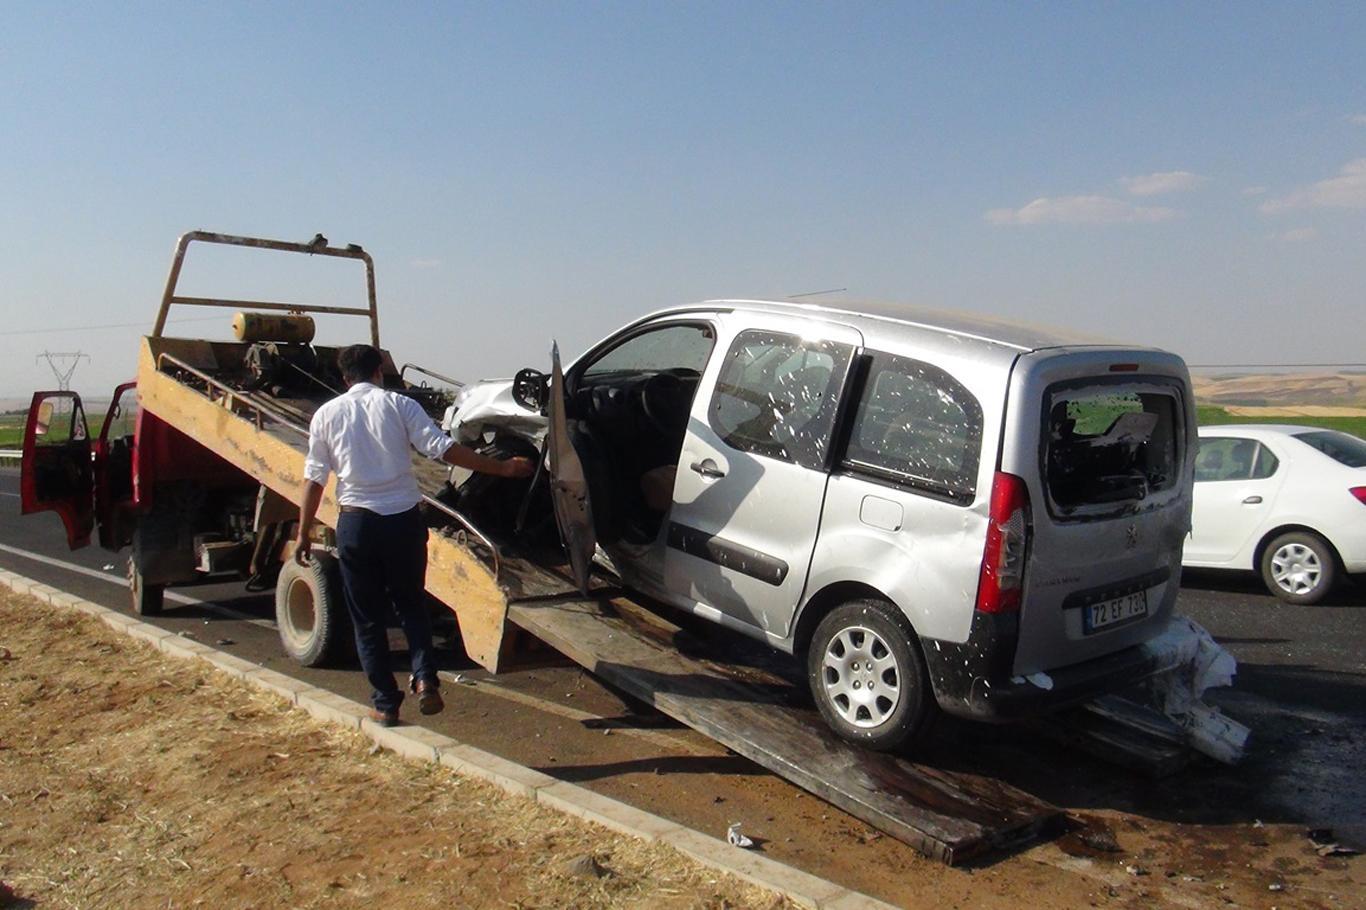 Çınar Beşpınar yakınlarında 2 araç çarpıştı: Biri ağır 4 yaralı